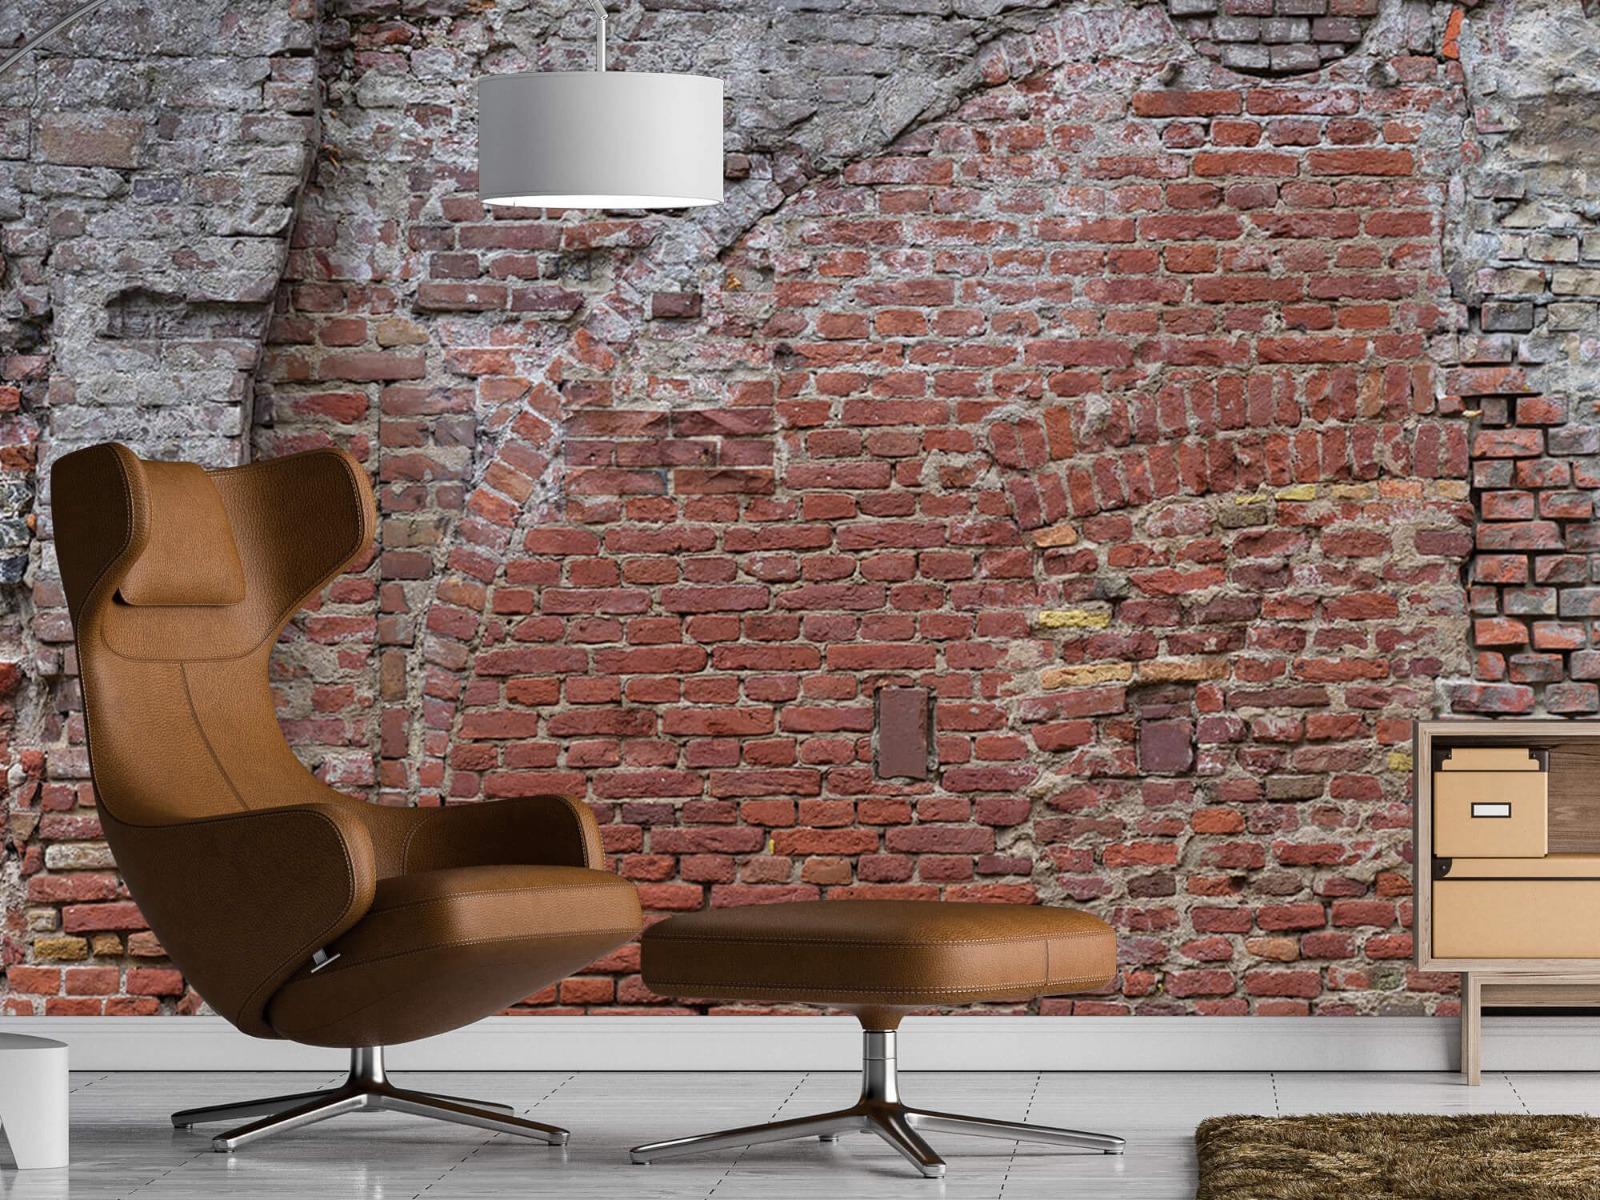 Steen behang - Oude herstelde stadsmuur - Tienerkamer 19